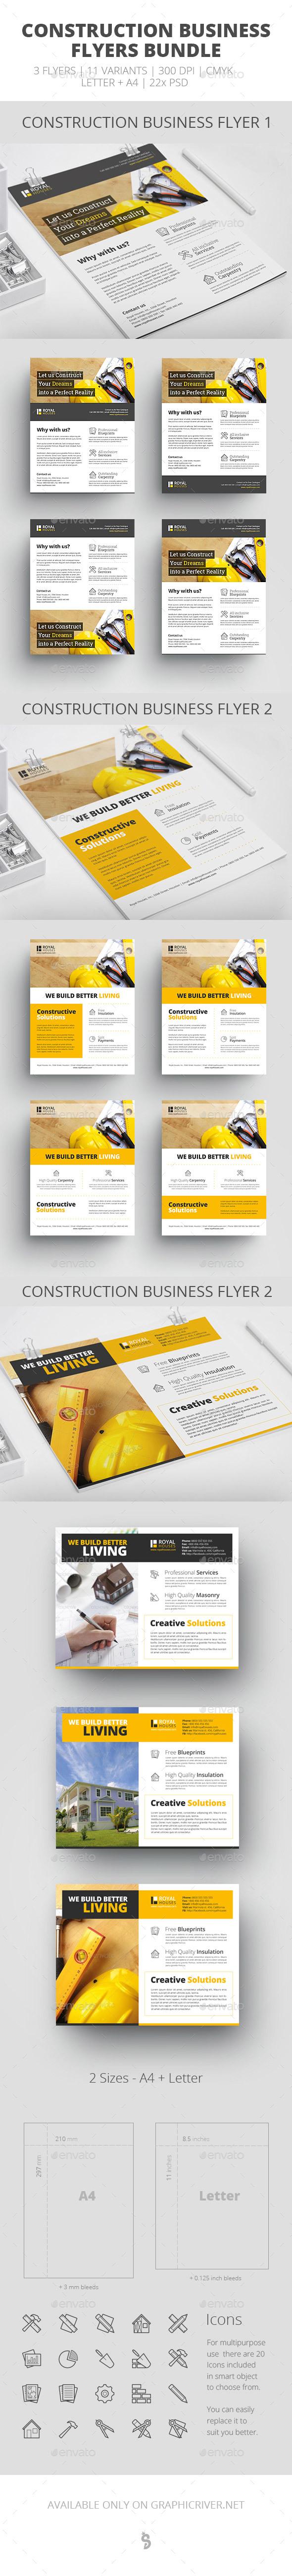 Construction Business Flyer - Bundle - Corporate Flyers